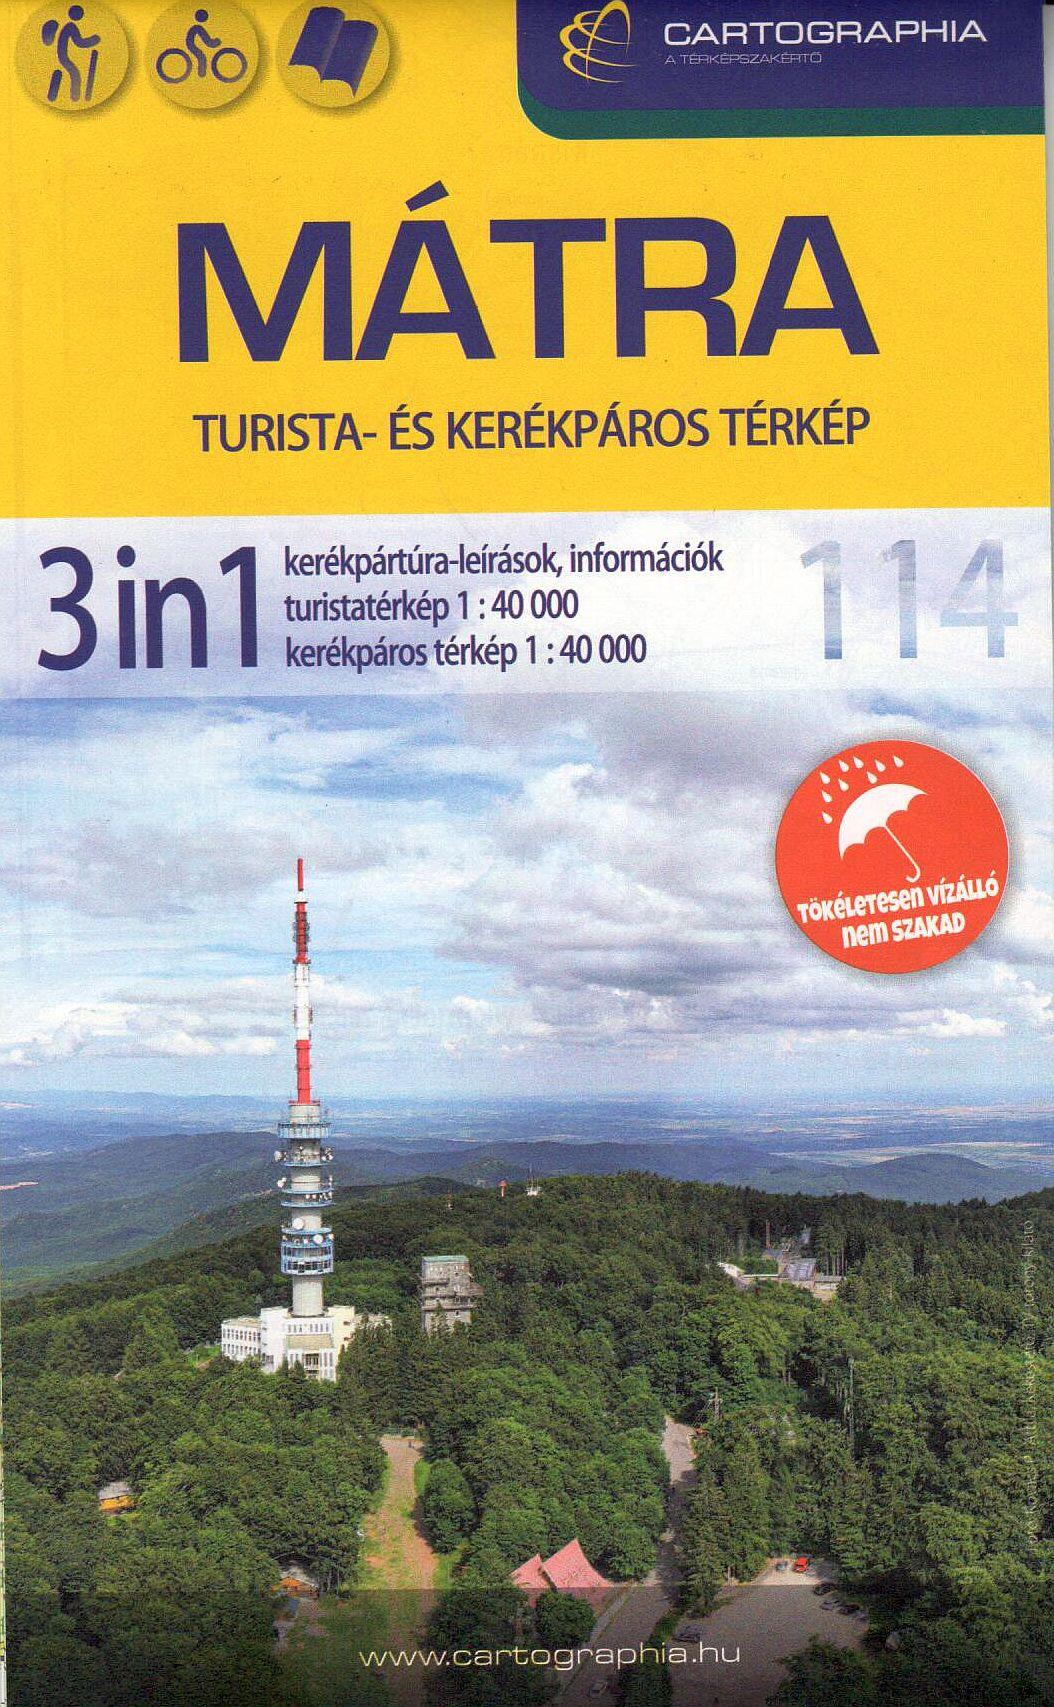 Nátra 3 az egyben: Mátra turistatérkép 1:40.000 Mátra kerékpáros térkép 1:40.000 Mátra kerékpáros túrakalauz